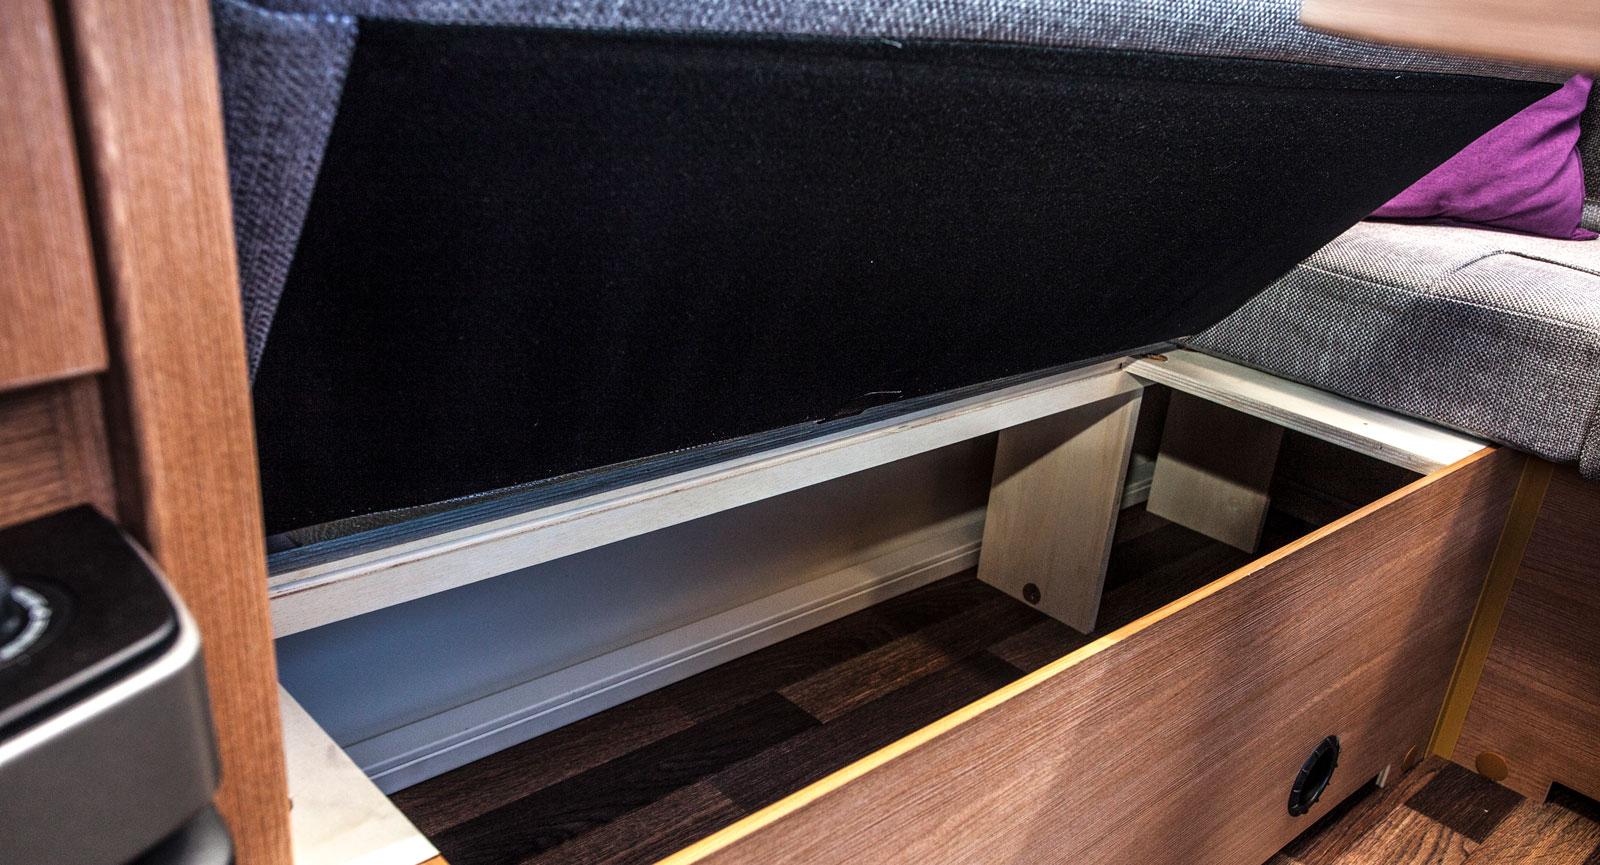 Rejäla förvaringsutrymmen under soffan.